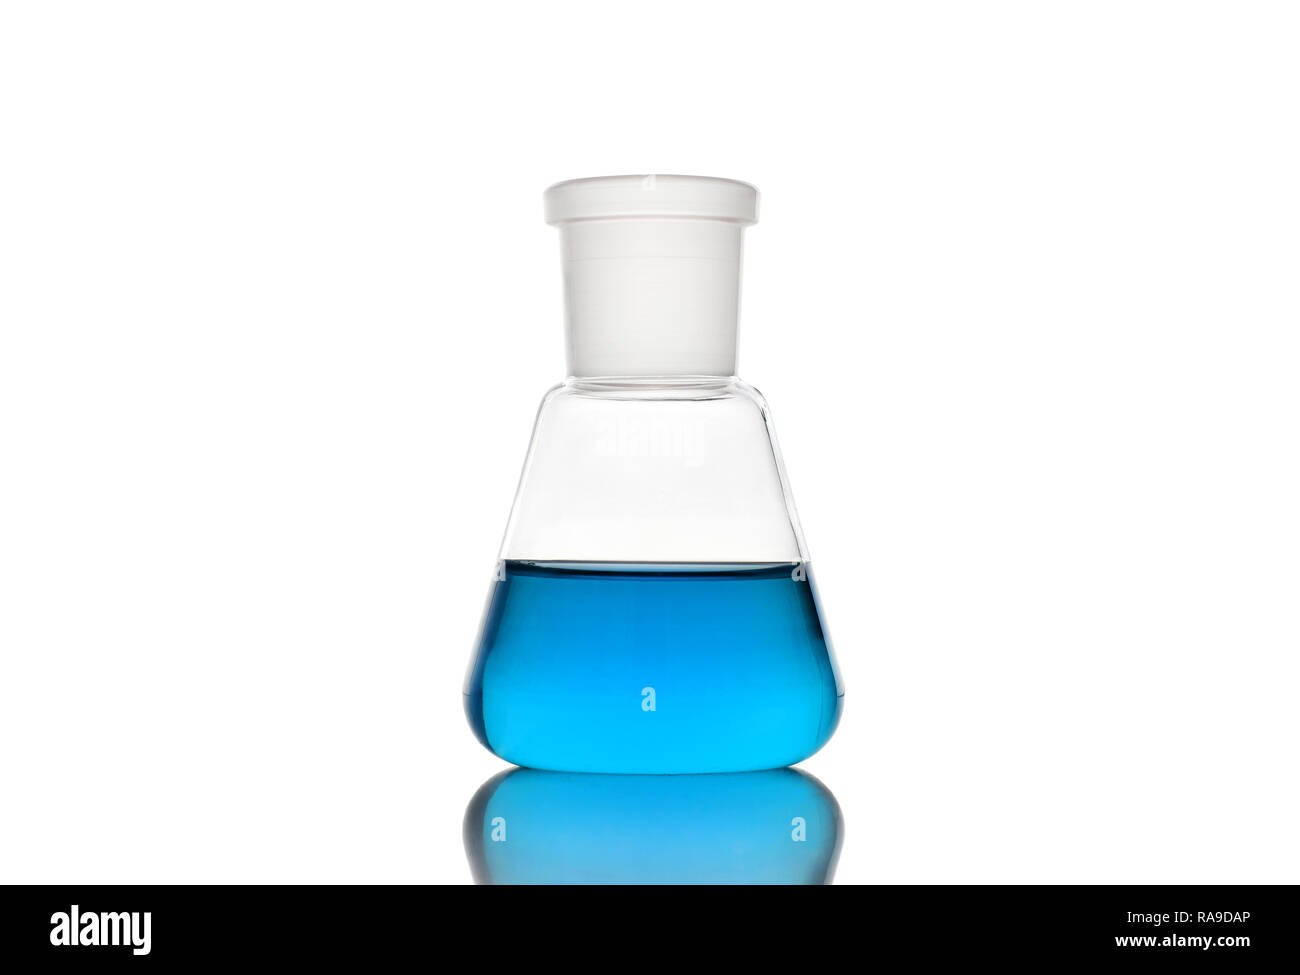 Erlenmeyerkolben mit blauer Flüssigkeit auf weißem Hintergrund Stockbild